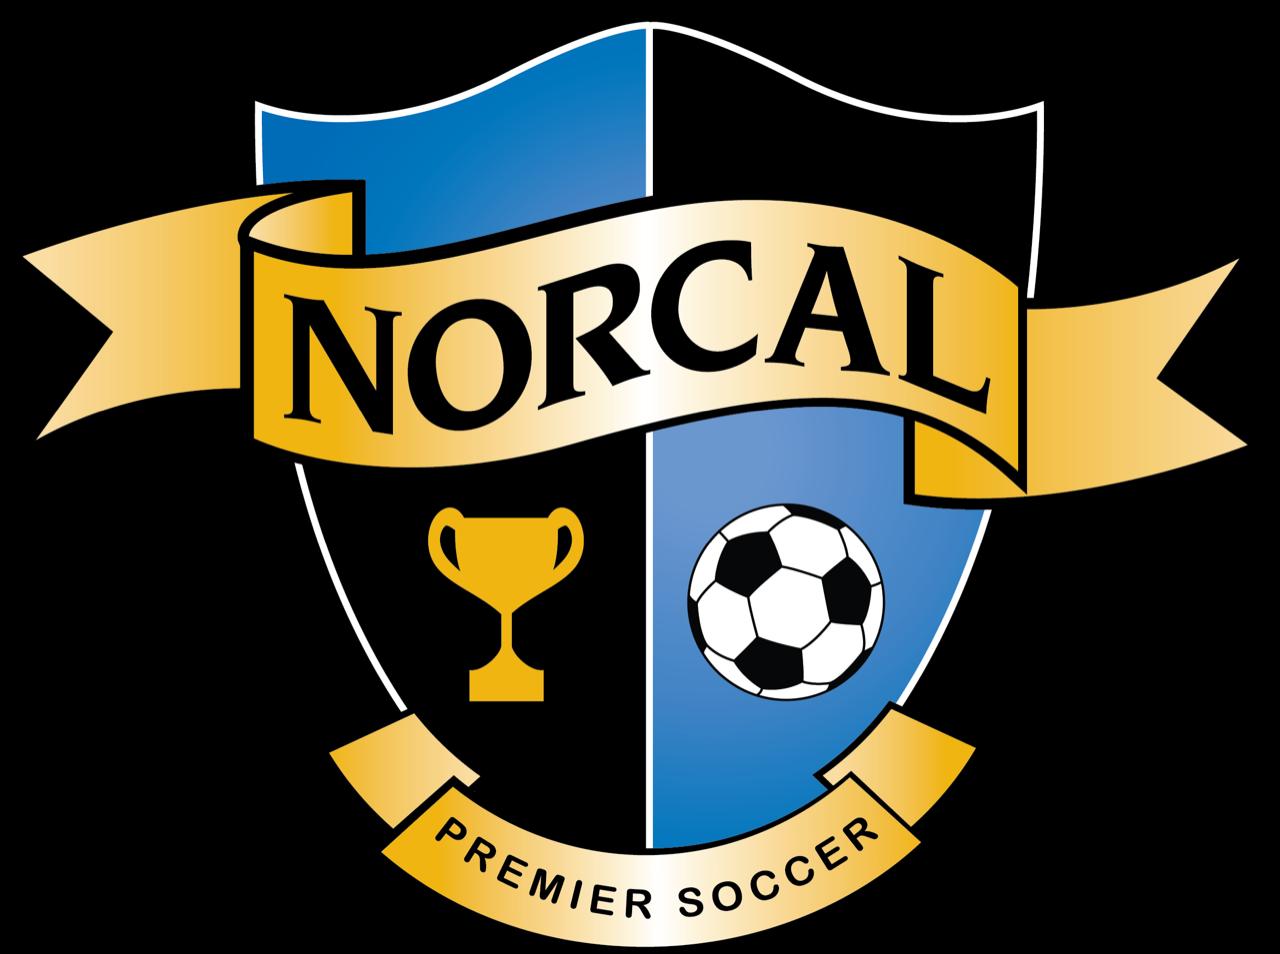 Norcal Soccer